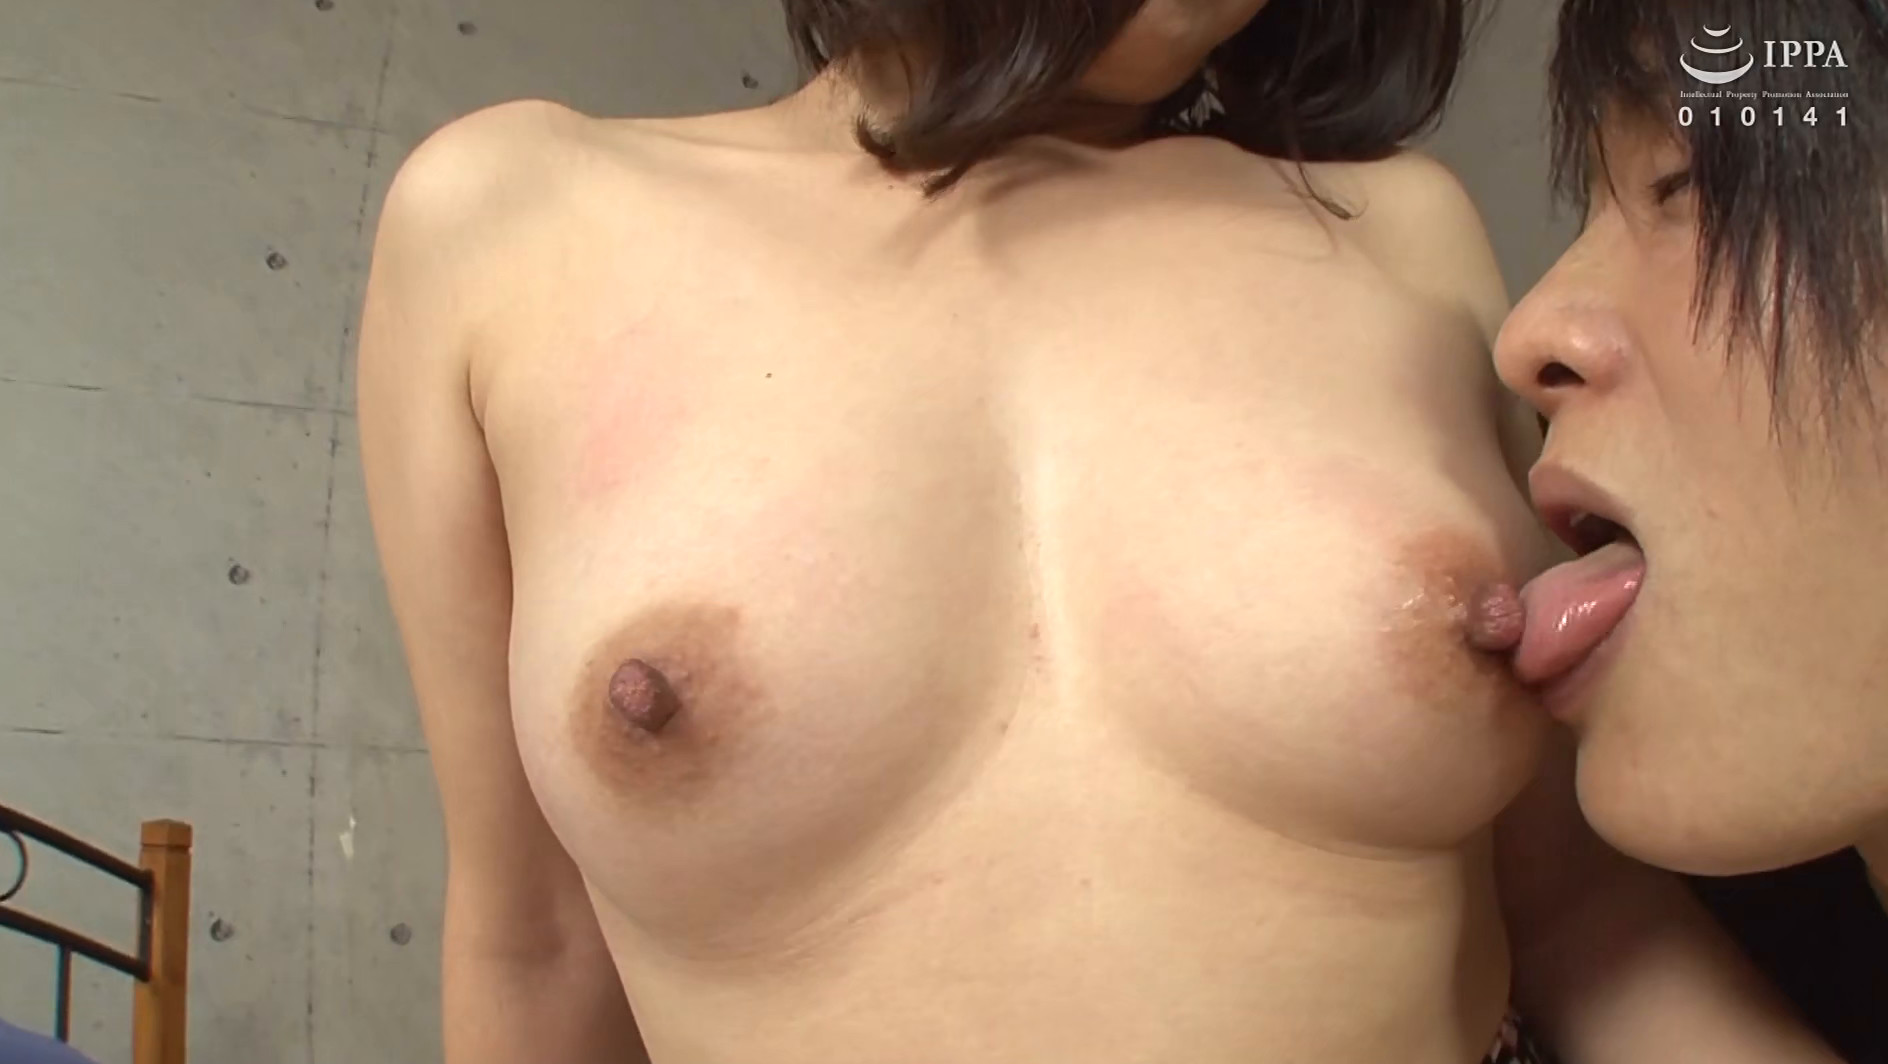 【四十路】こはる 46歳(初脱ぎ・千葉県在住・専業主婦) 画像6